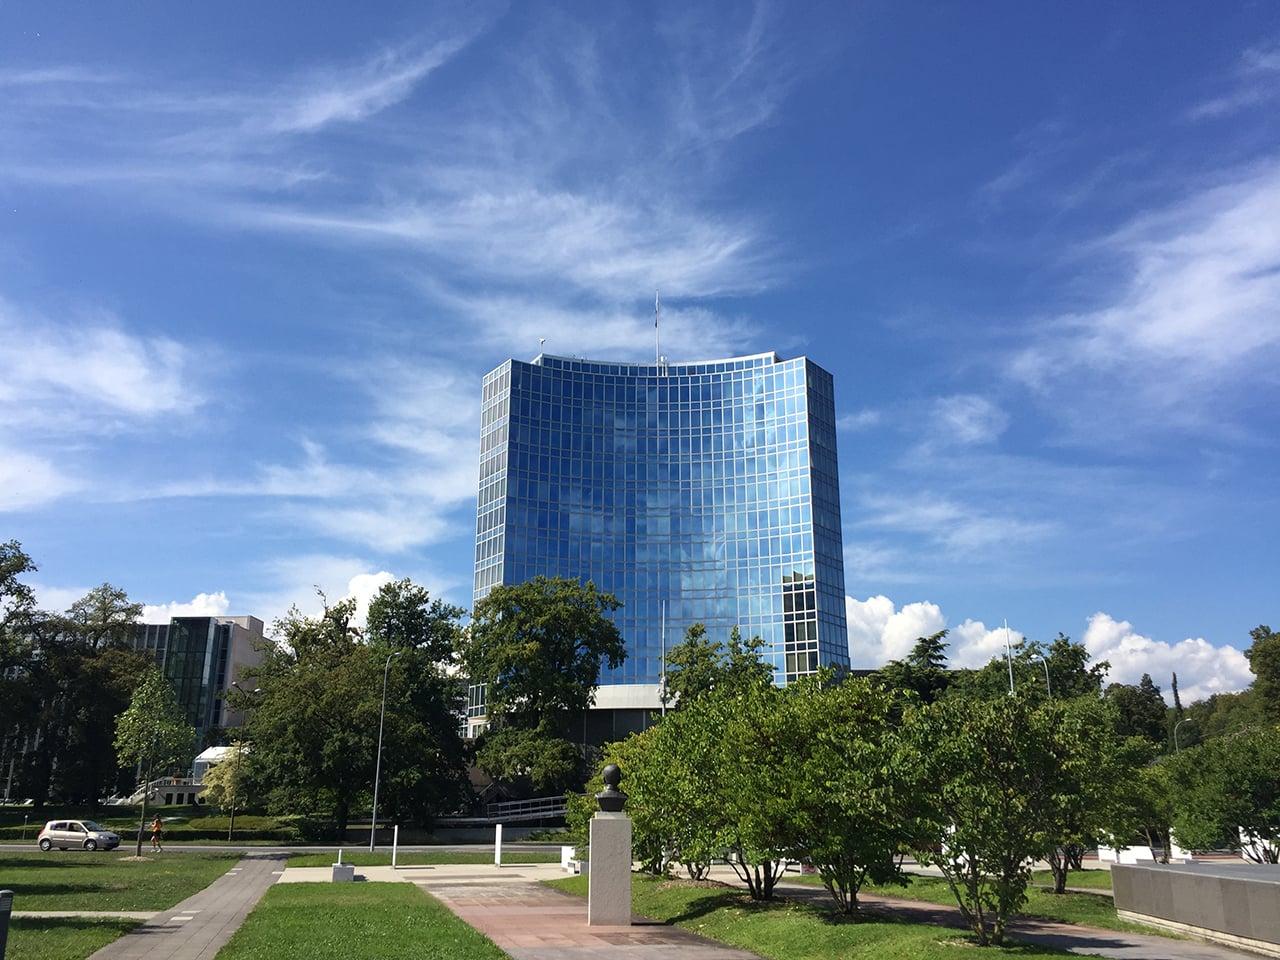 Sídlo Mezinárodní telekomunikační unie (ITU) v Ženevě